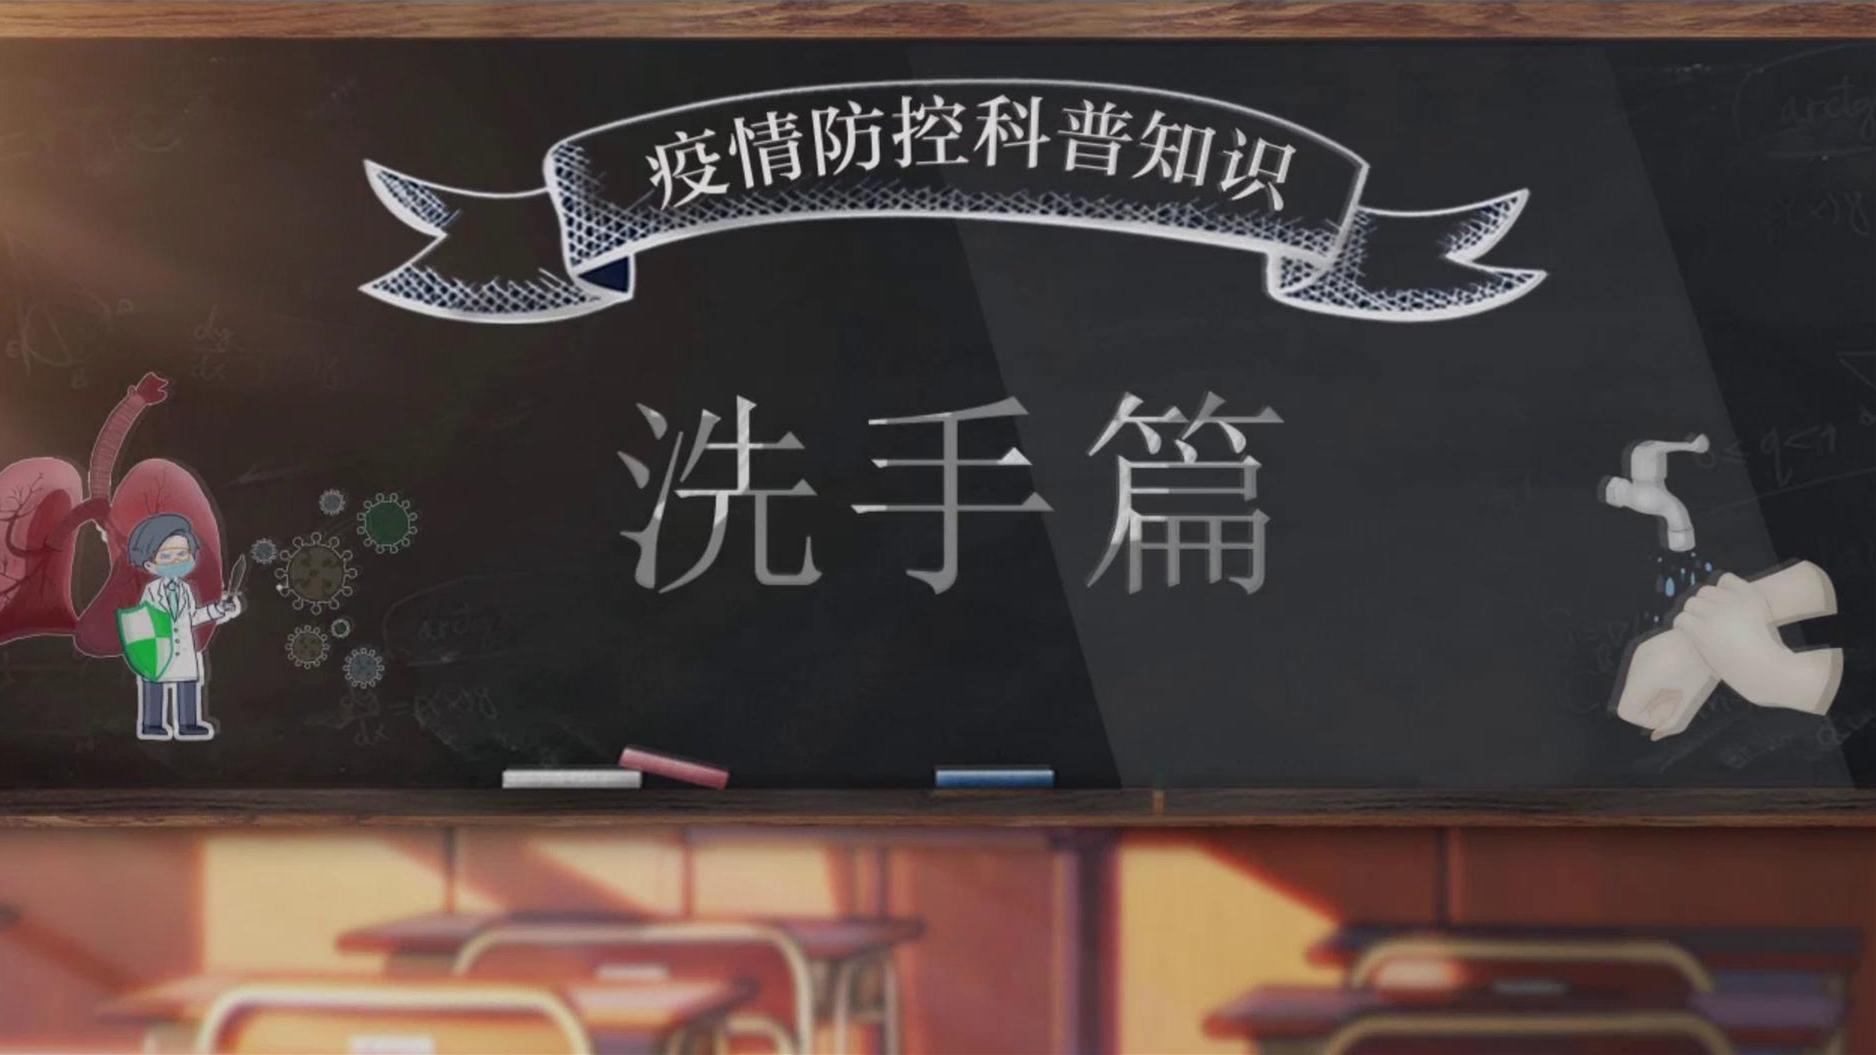 【动漫】疫情防控科普知识之洗手篇封面图].jpg